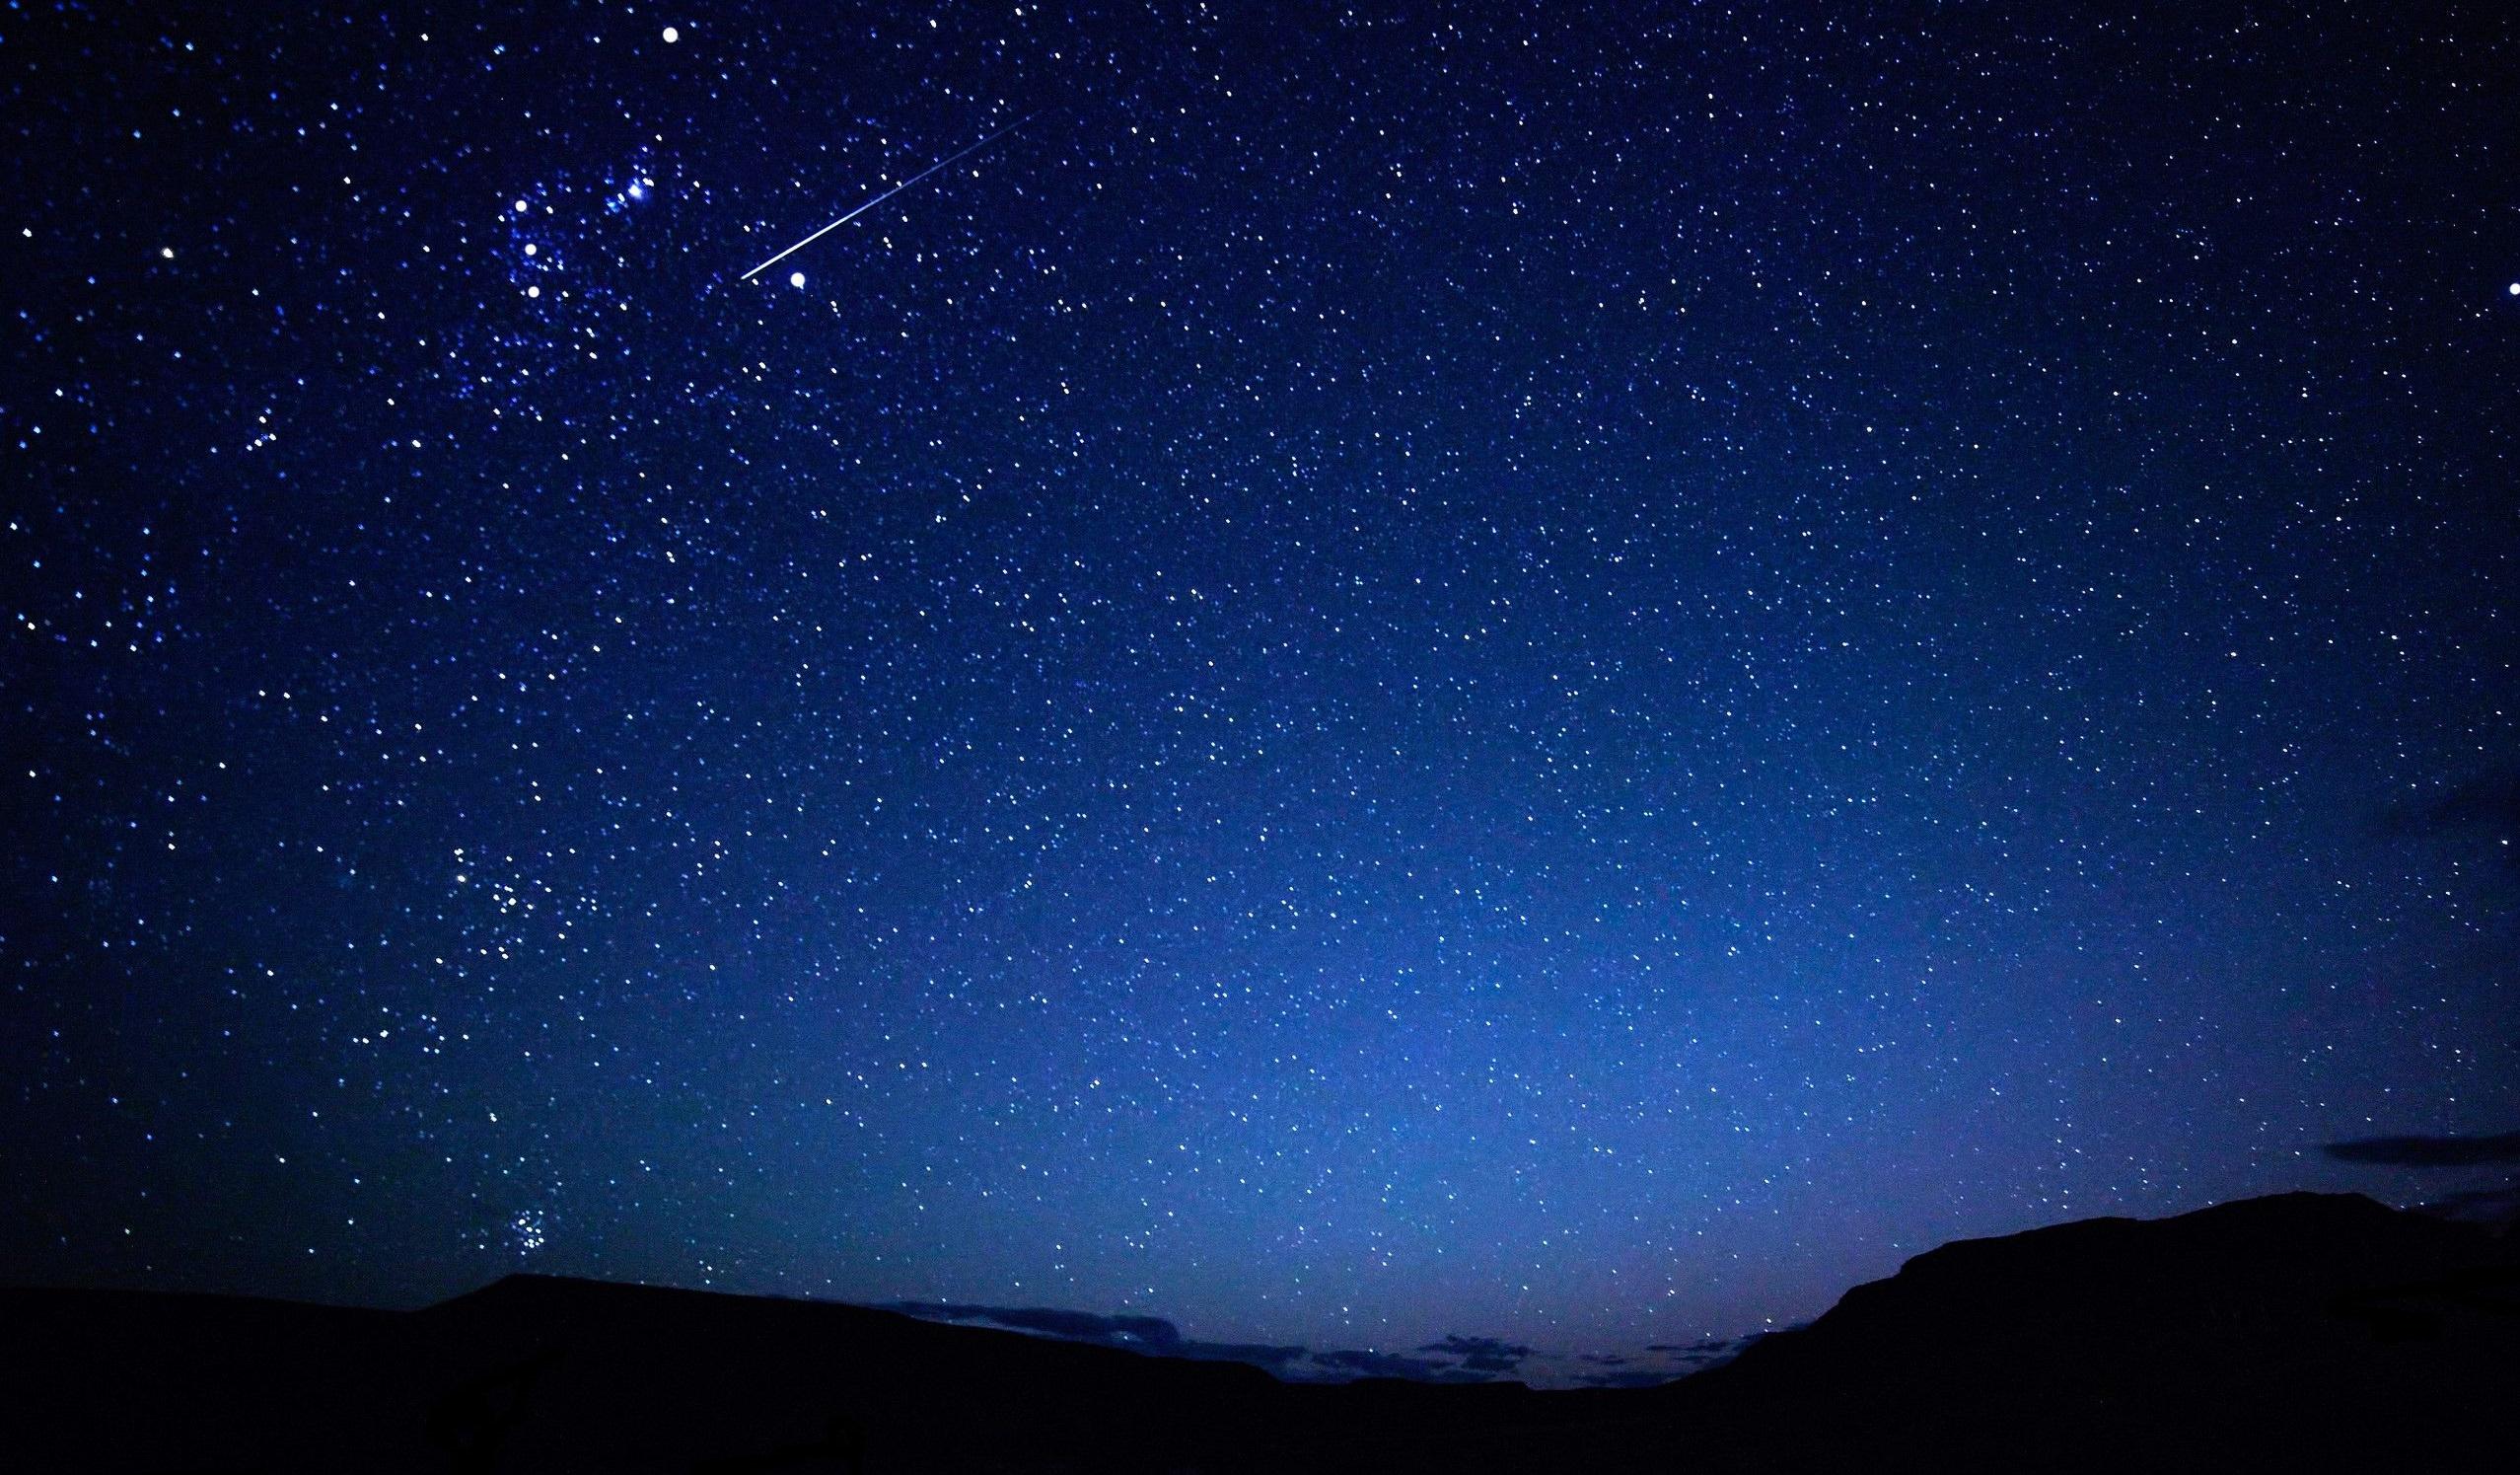 La stella cometa tra bufale e dicerie, ecco perché nessun corpo celeste anticipò la venuta di Cristo